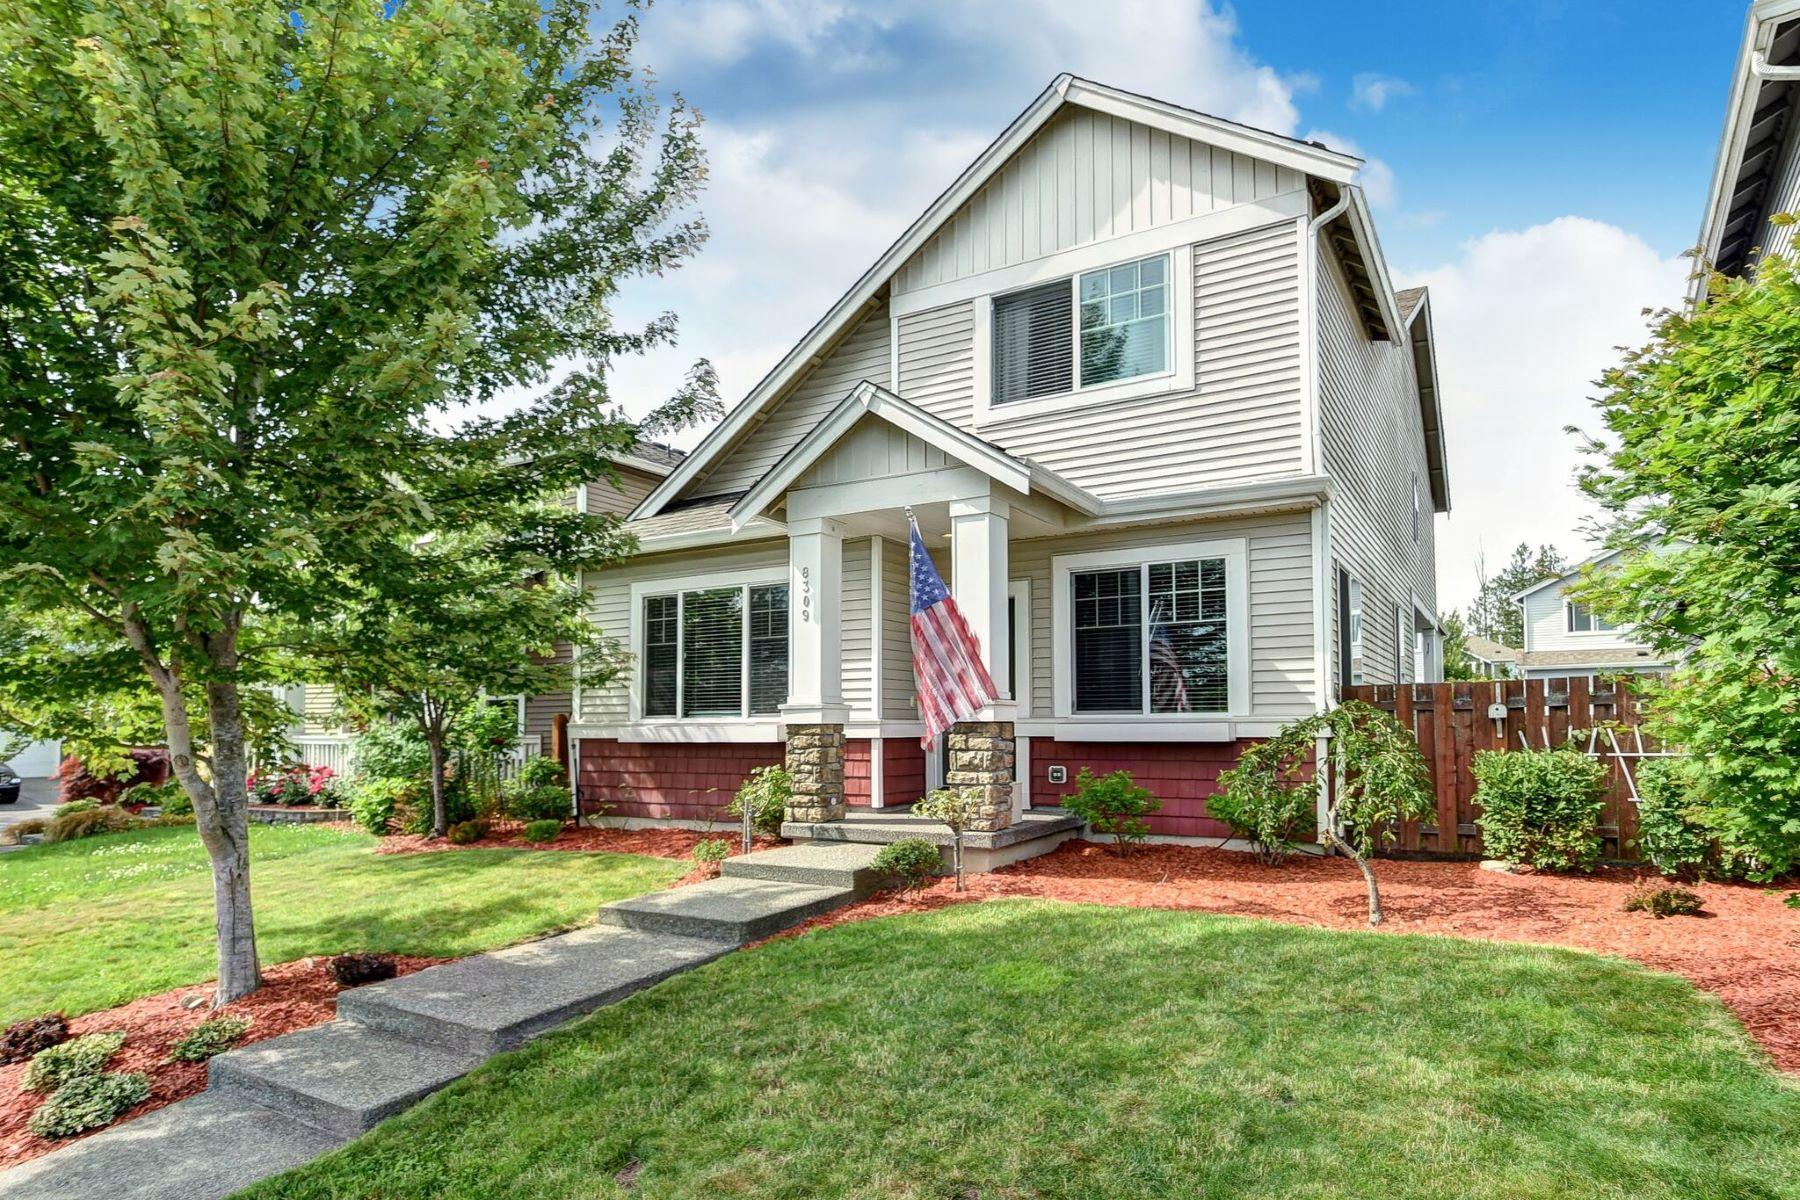 Single Family Homes for Sale at 8309 21st St NE, Lake Stevens, WA 98258 8309 21st St NE Lake Stevens, Washington 98258 United States